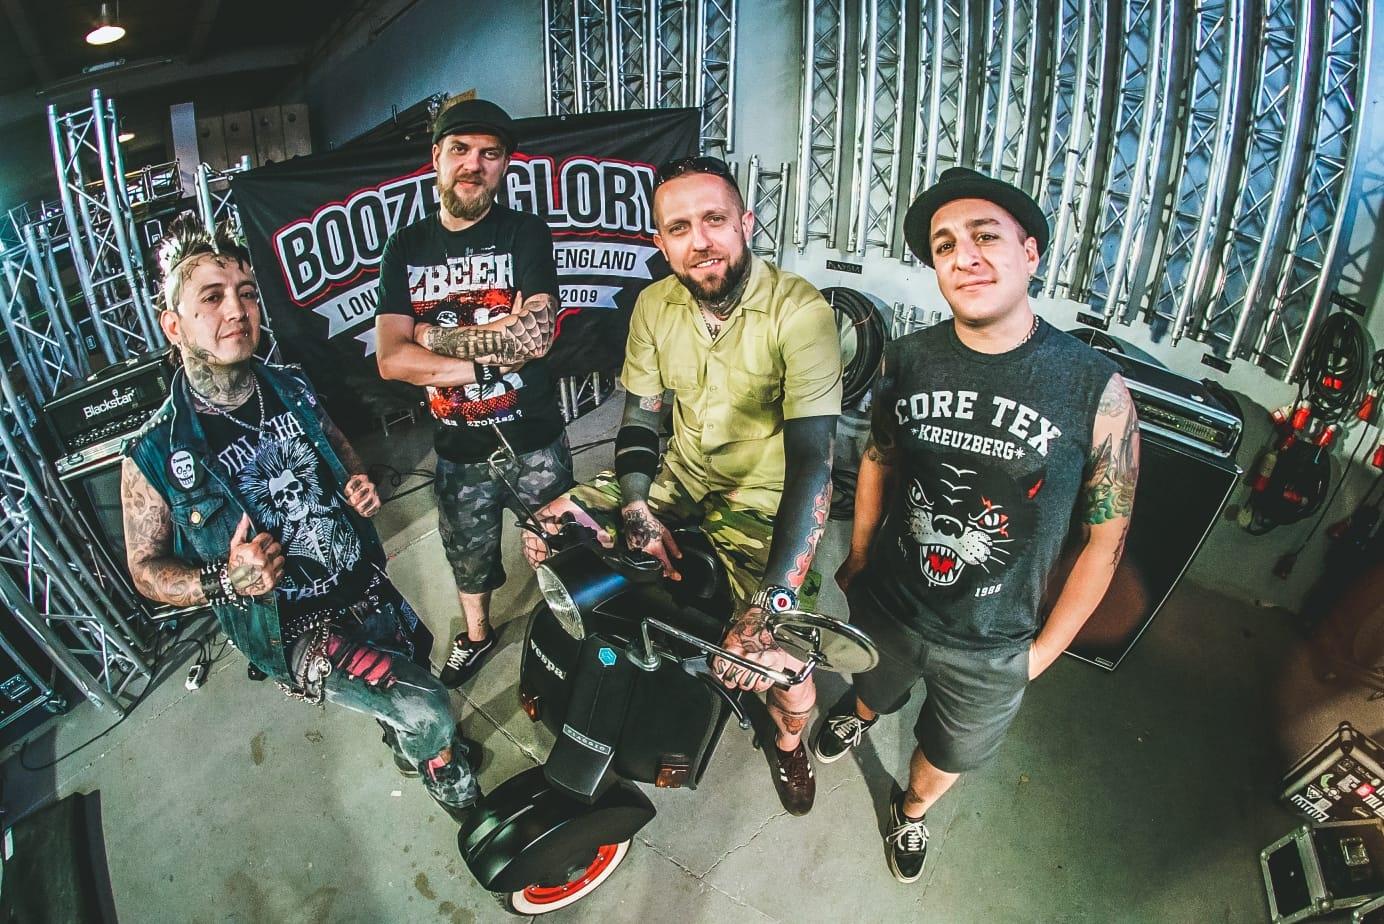 Booze & Glory z klipem Ten Years zapowiada cztery polskie koncerty